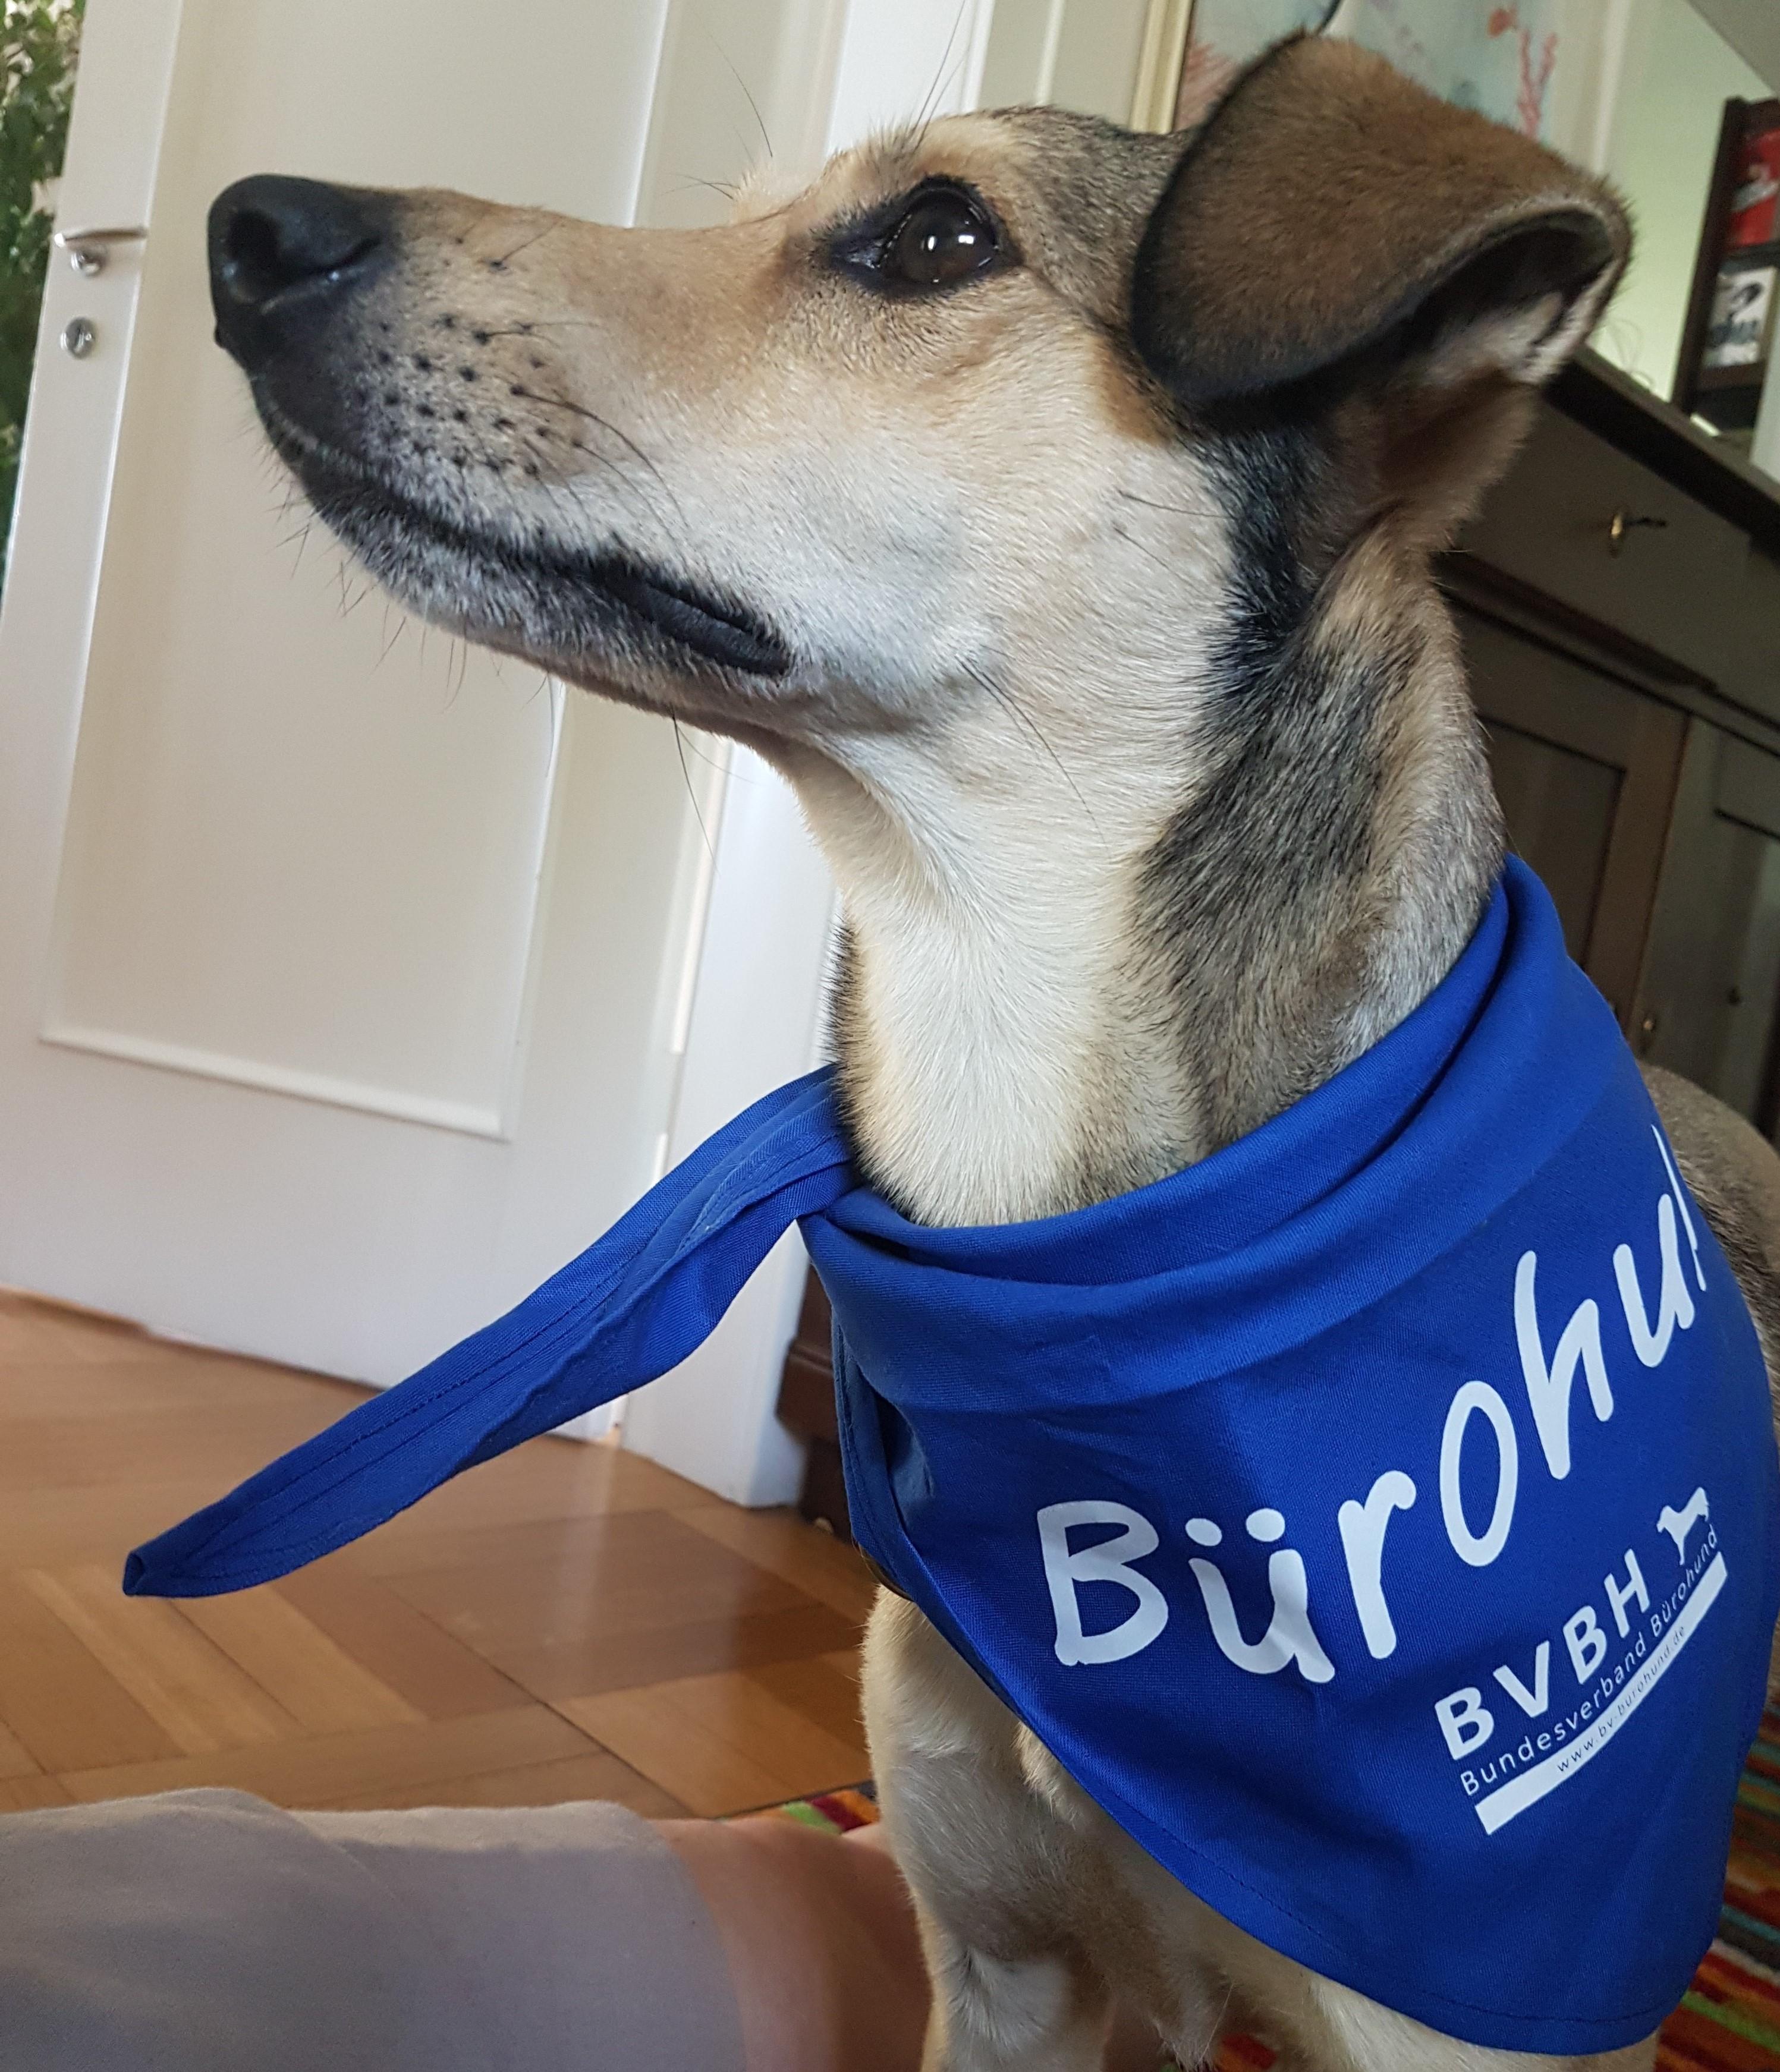 ein Bürohund sorgt für Entspannung und Stressreduktion